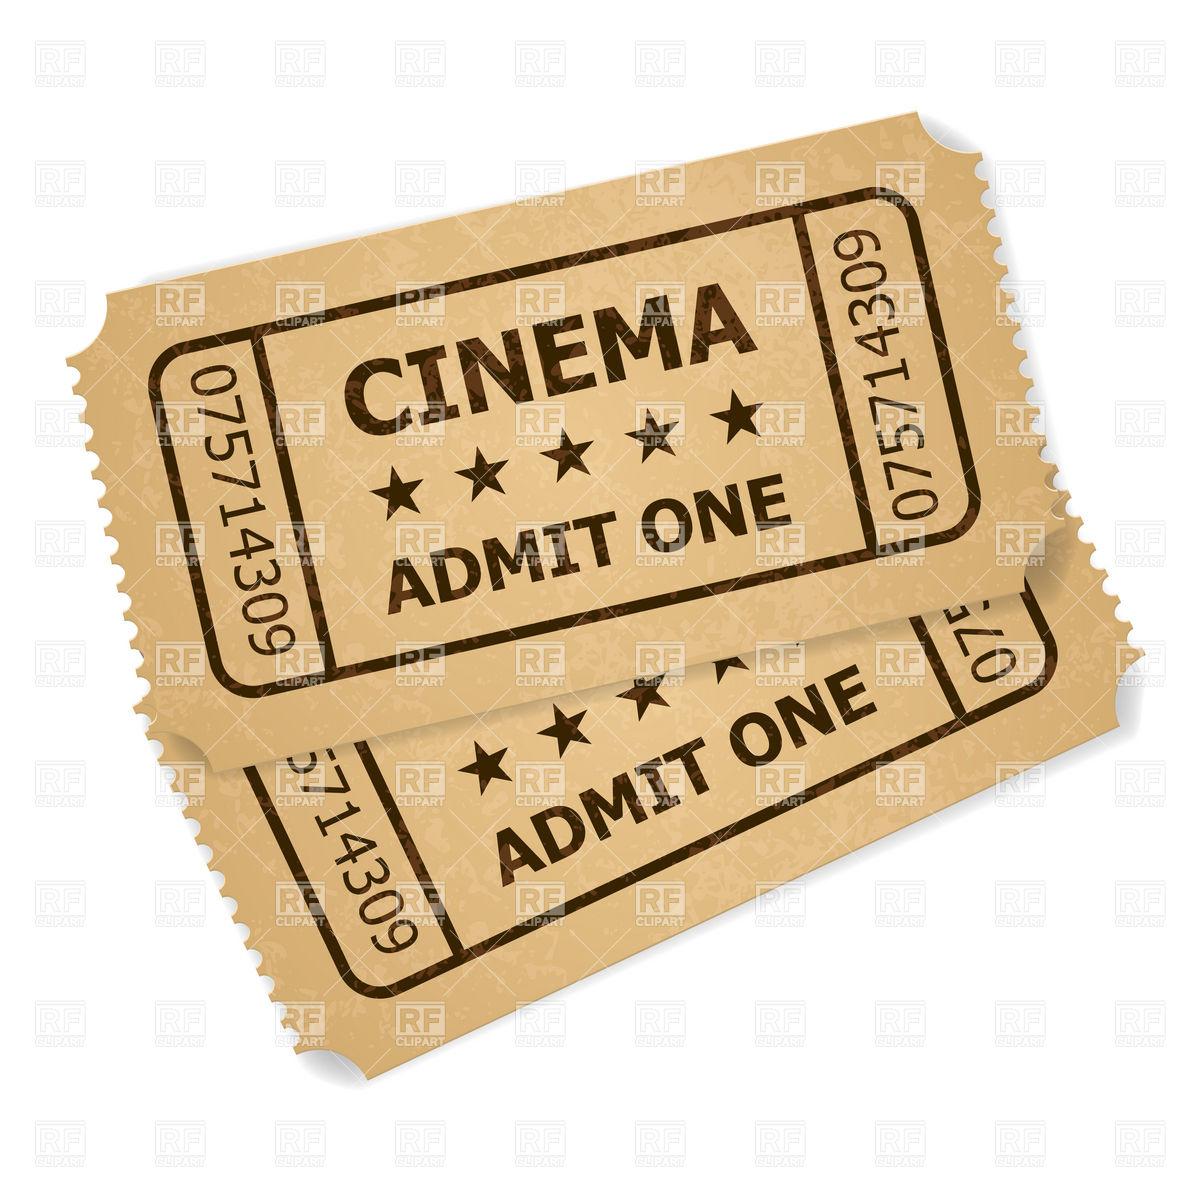 Clipart Cinema Ticket Clipground